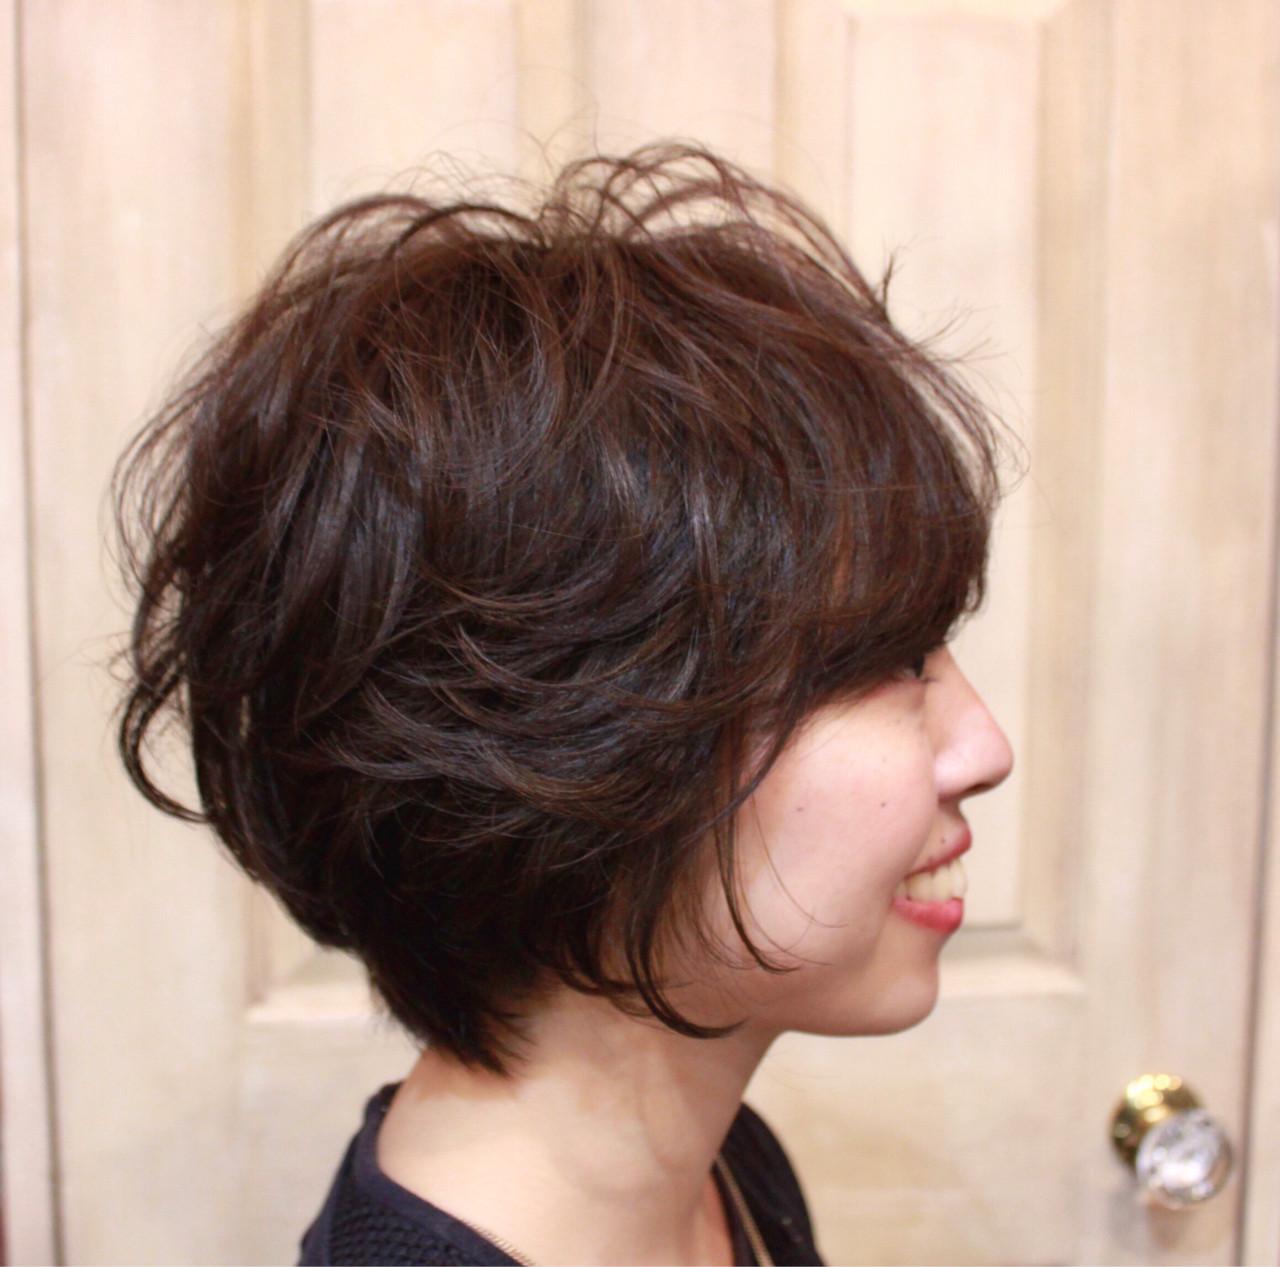 小顔 斜め前髪 ショート パーマ ヘアスタイルや髪型の写真・画像